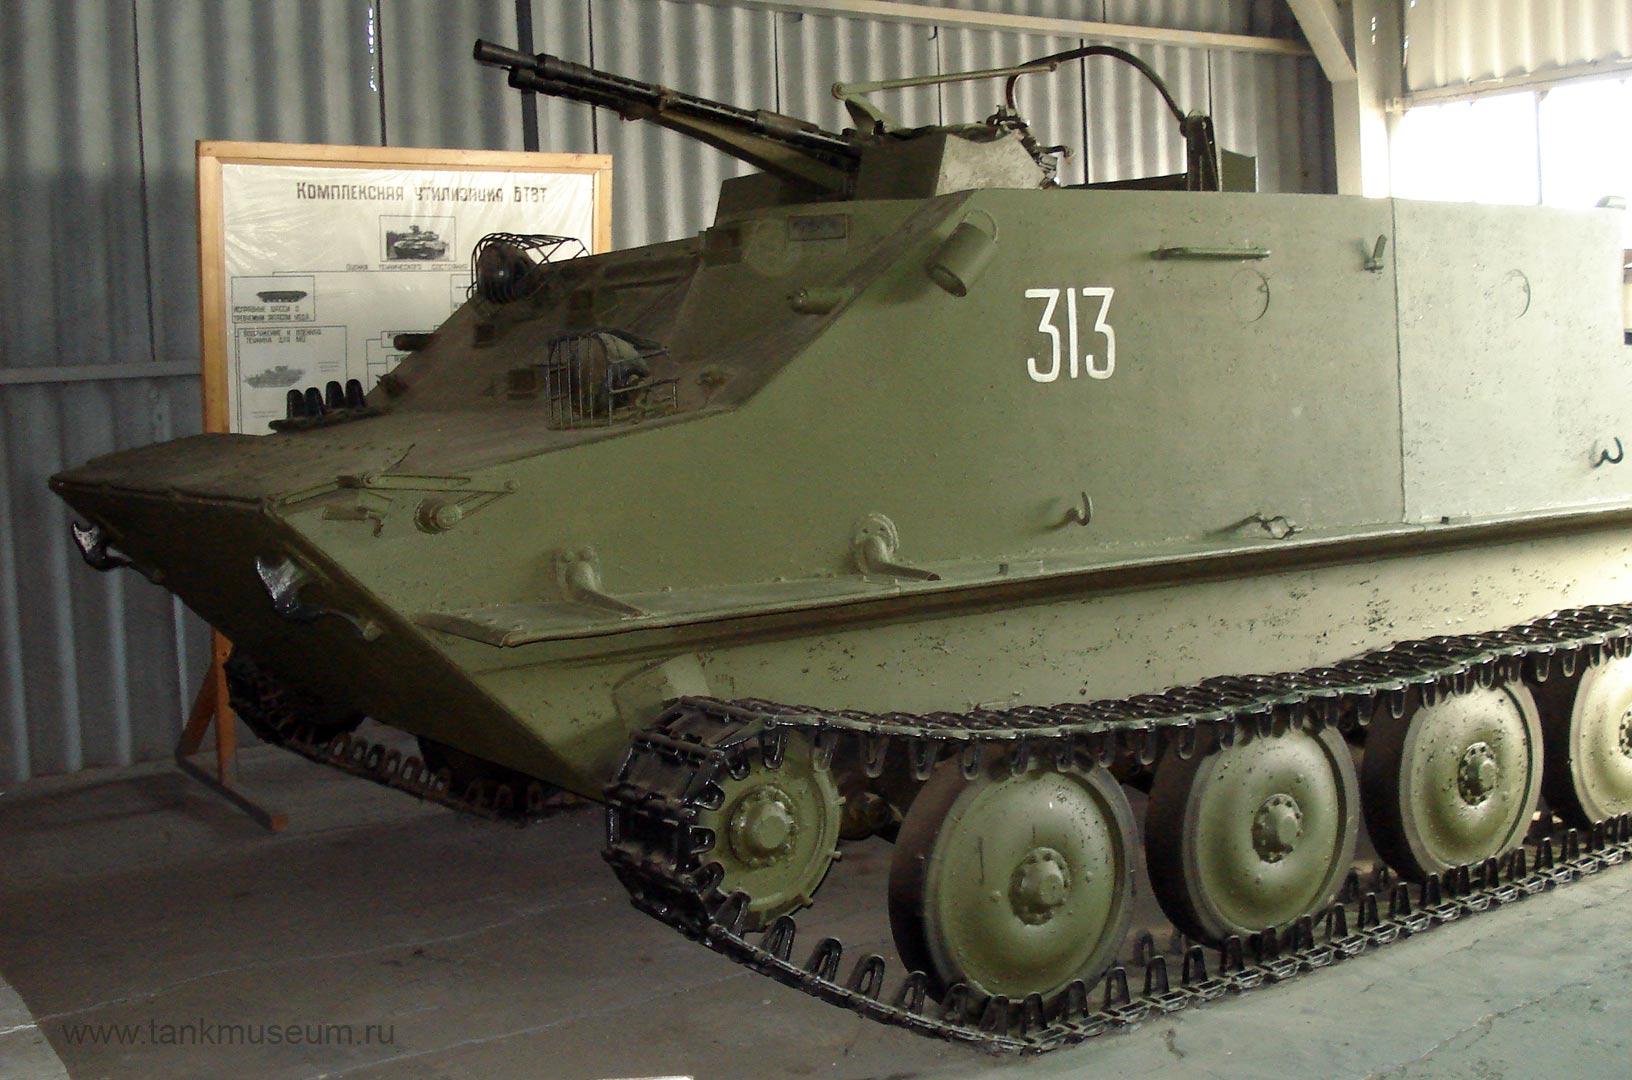 Зенитная самоходная установка ЗПТУ-2 на БТР-50П (Объект 750), танковый музей в Кубинке